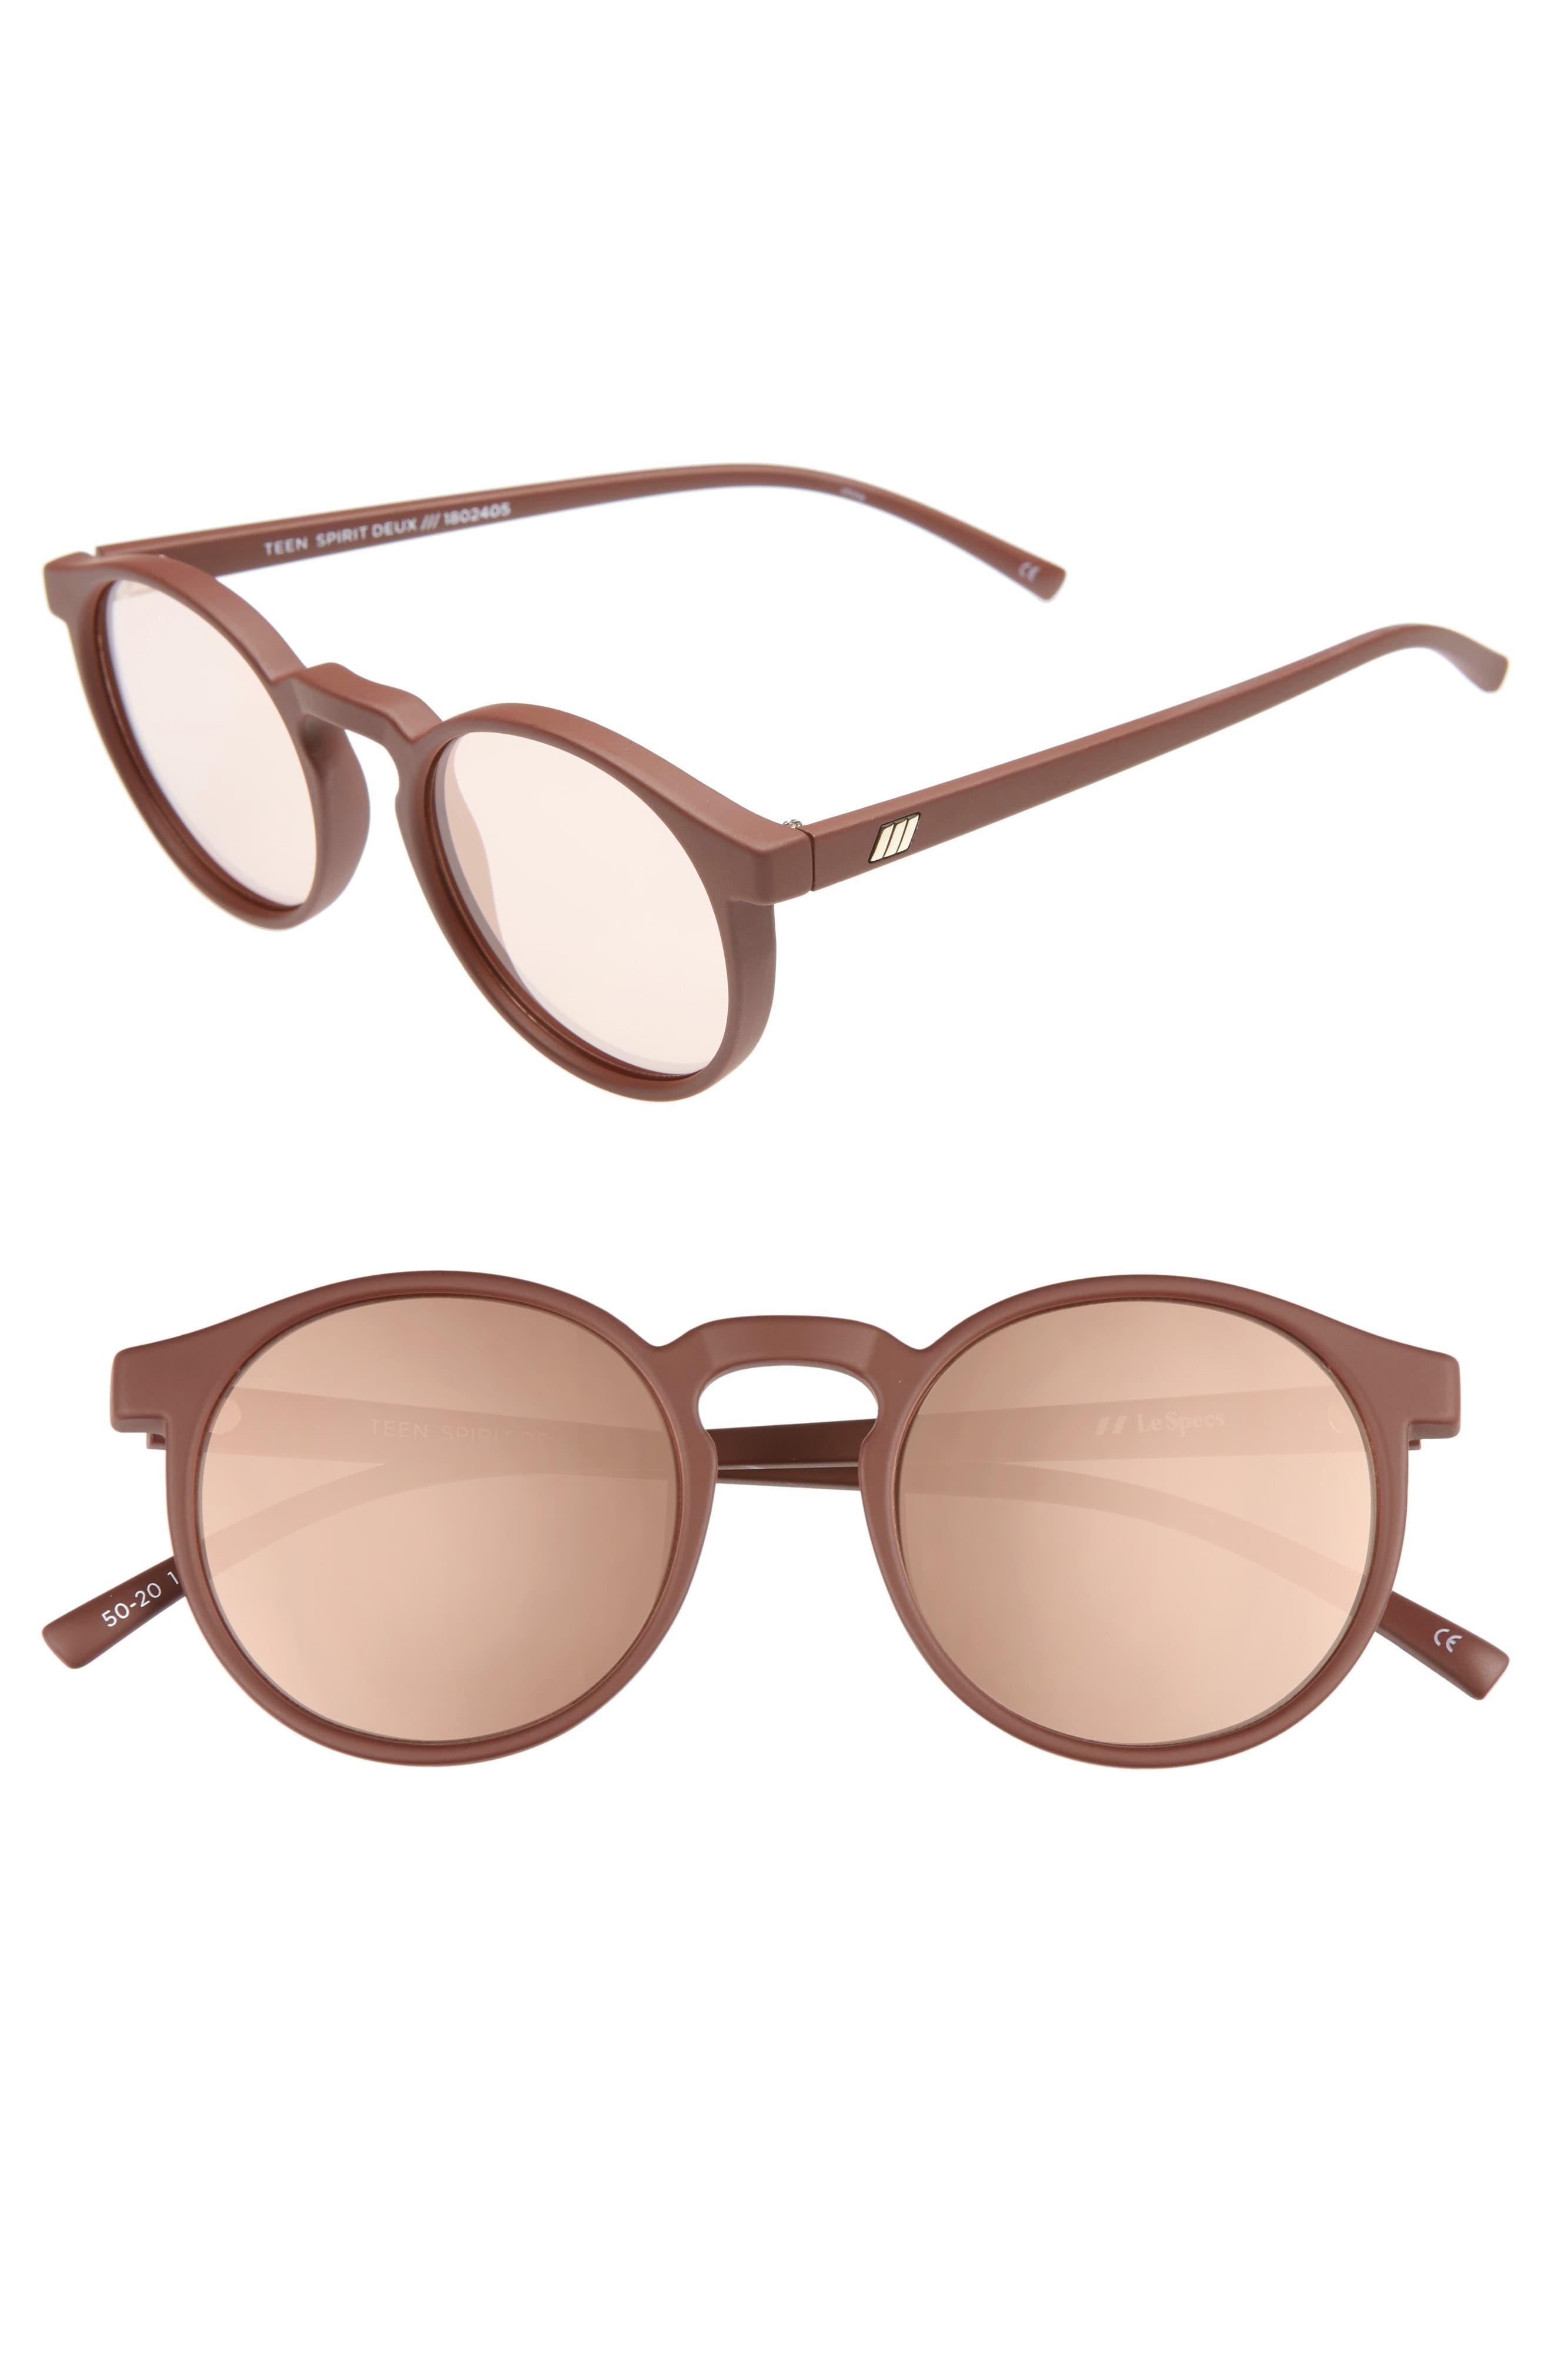 Retro Sunglasses | Vintage Glasses | New Vintage Eyeglasses Womens Le Specs Teen Spirit Deaux 50Mm Round Sunglasses - Matte Shiraz $59.00 AT vintagedancer.com